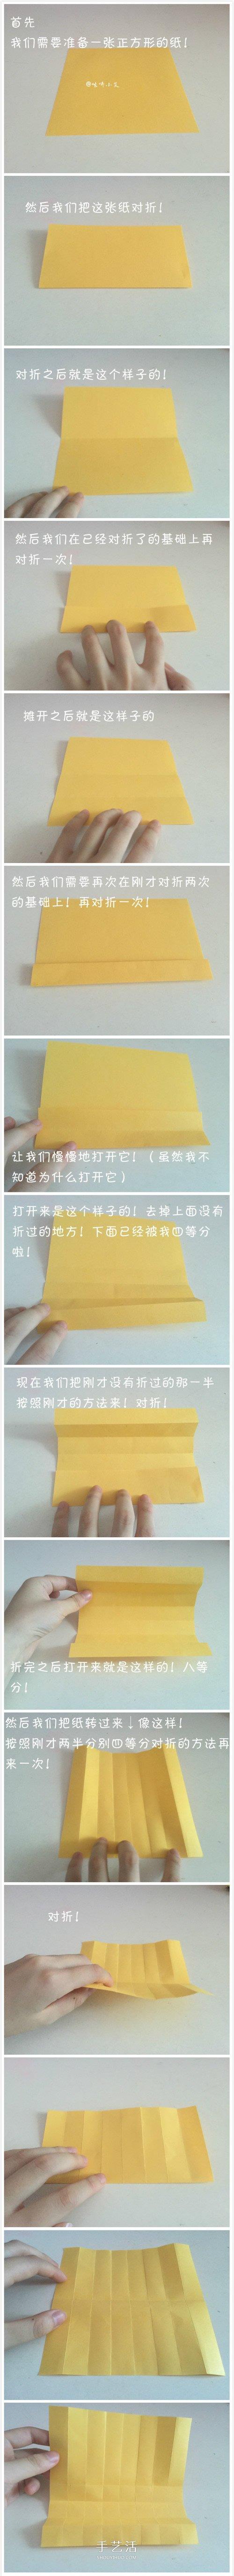 怎么折川崎玫瑰花图解 详细川崎玫瑰折纸过程 -  www.shouyihuo.com